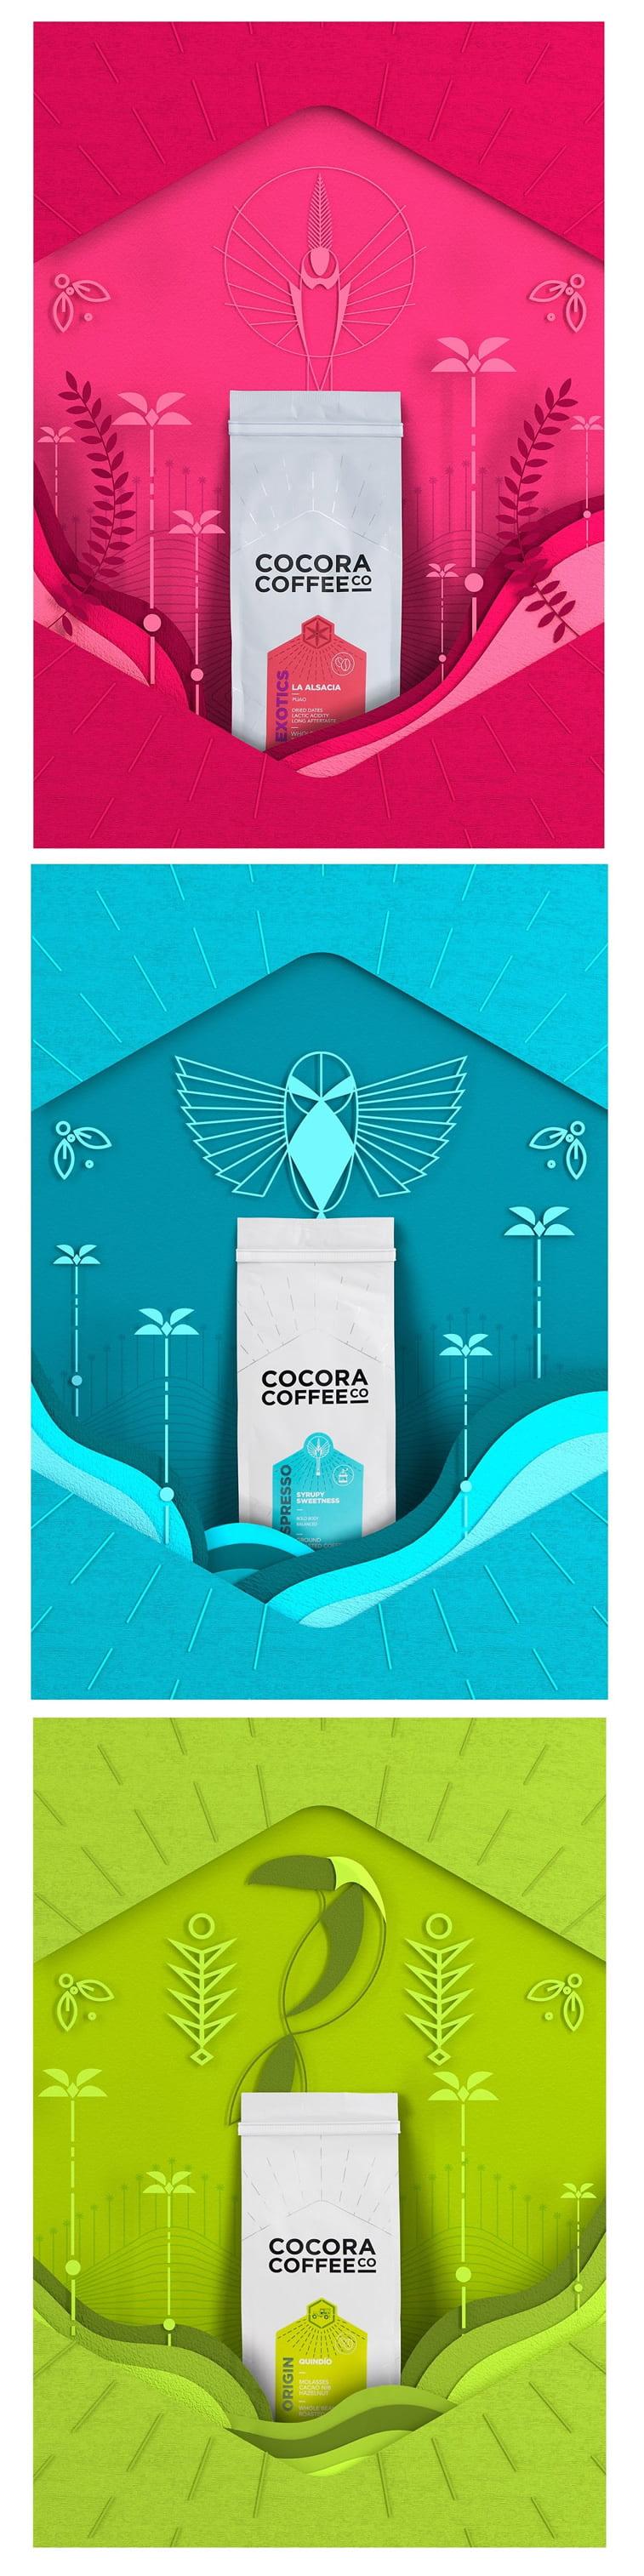 Dizajn ambalaže za kafu: 20 inspirativnih primera – Cocora coffee 1